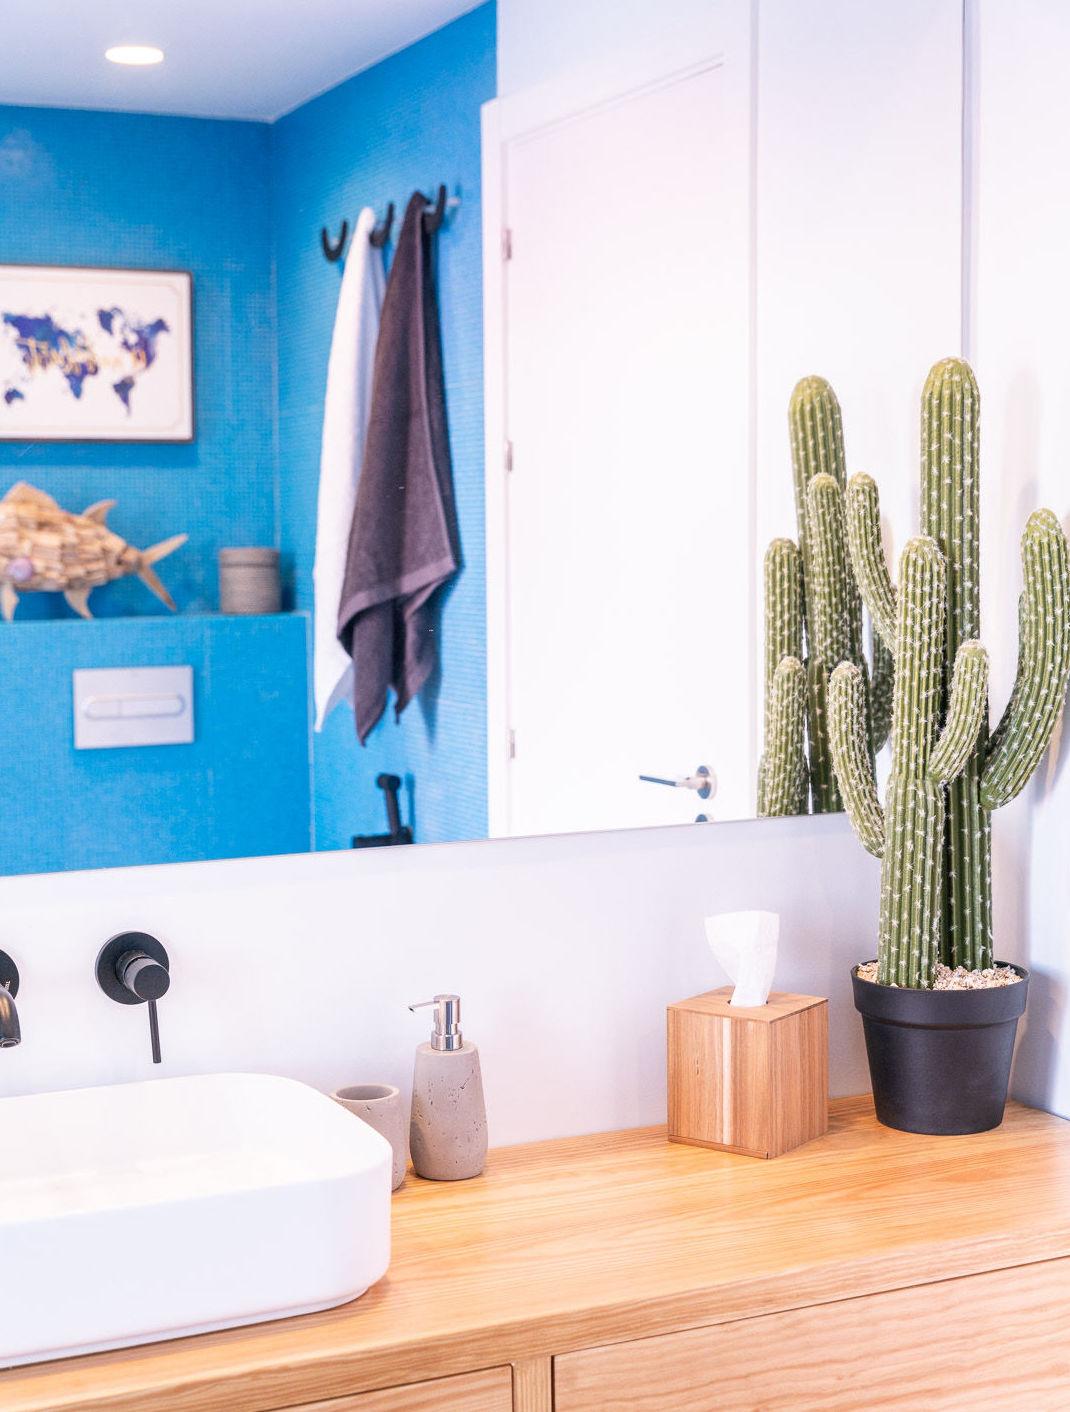 Artículos de decoración para baños